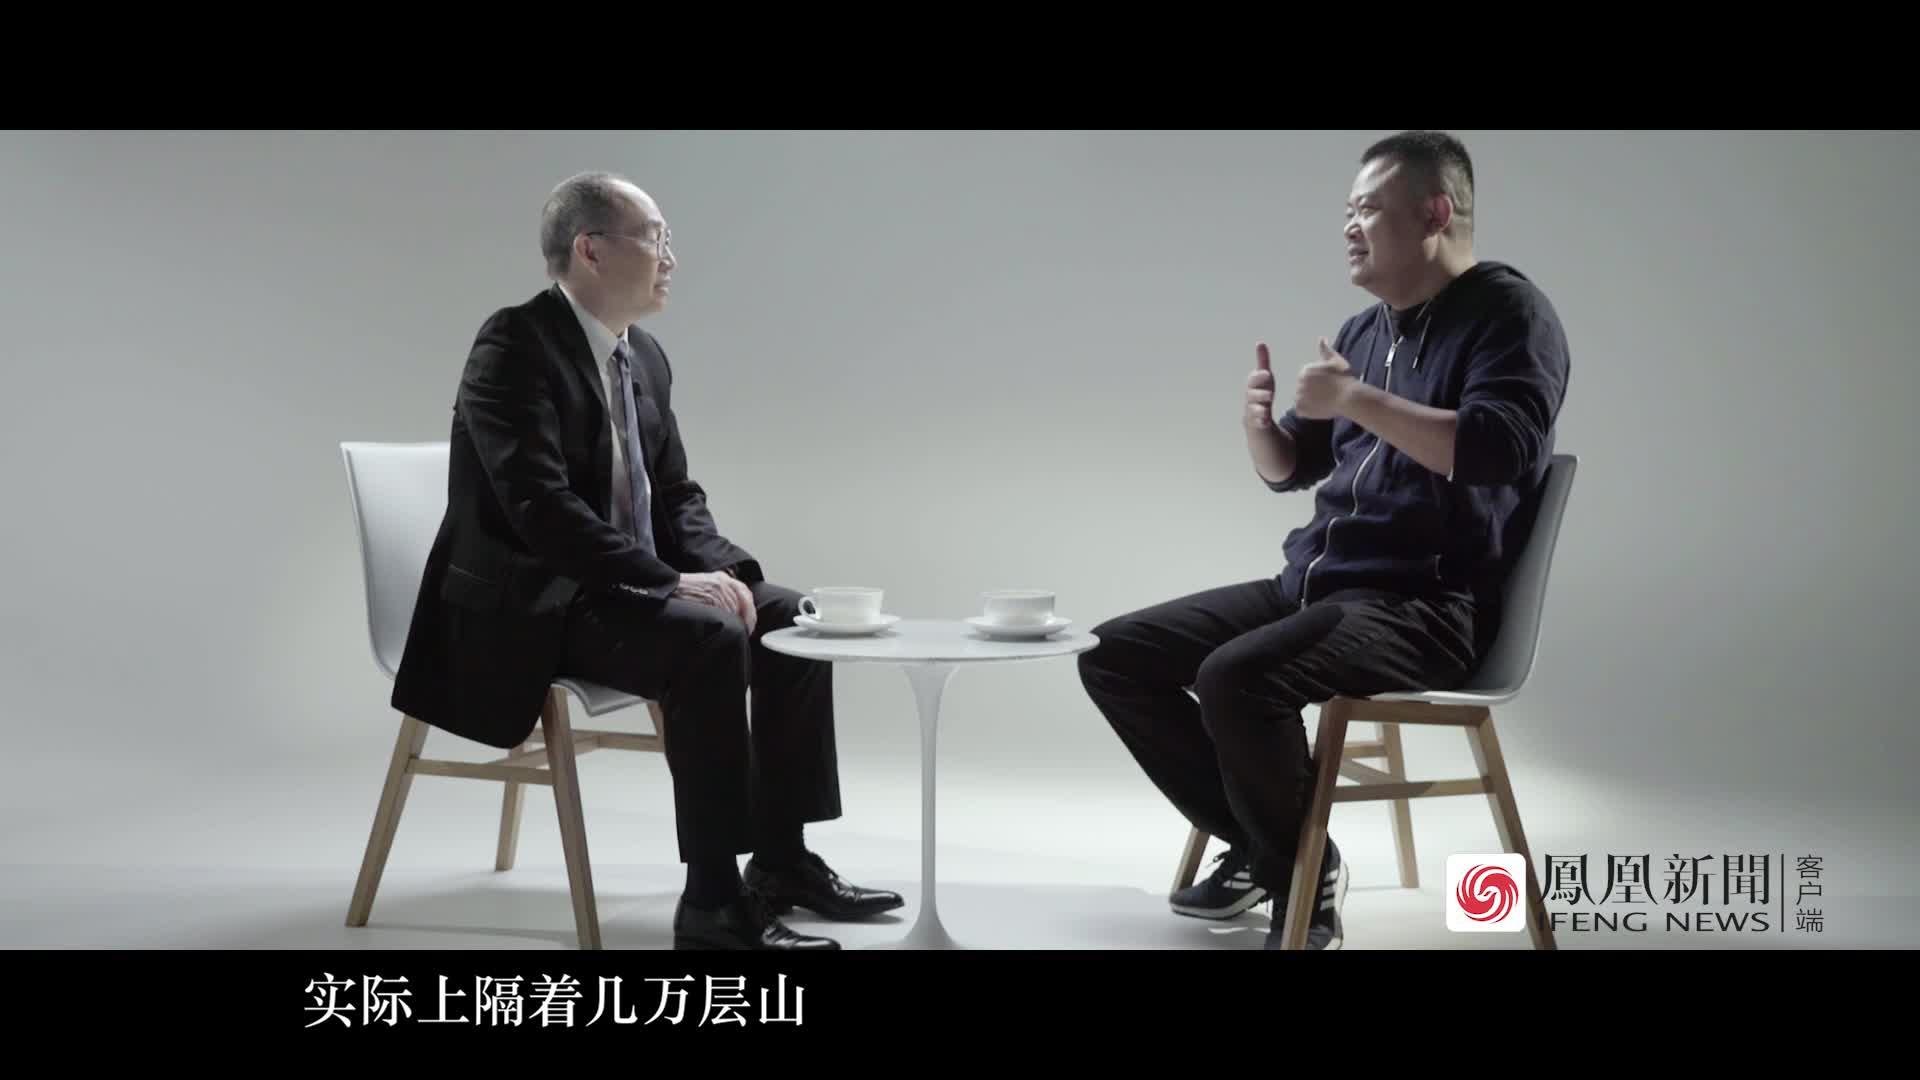 潘谈 | 陈晓卿坦白:我曾在微博开小号 但感觉自己很分裂